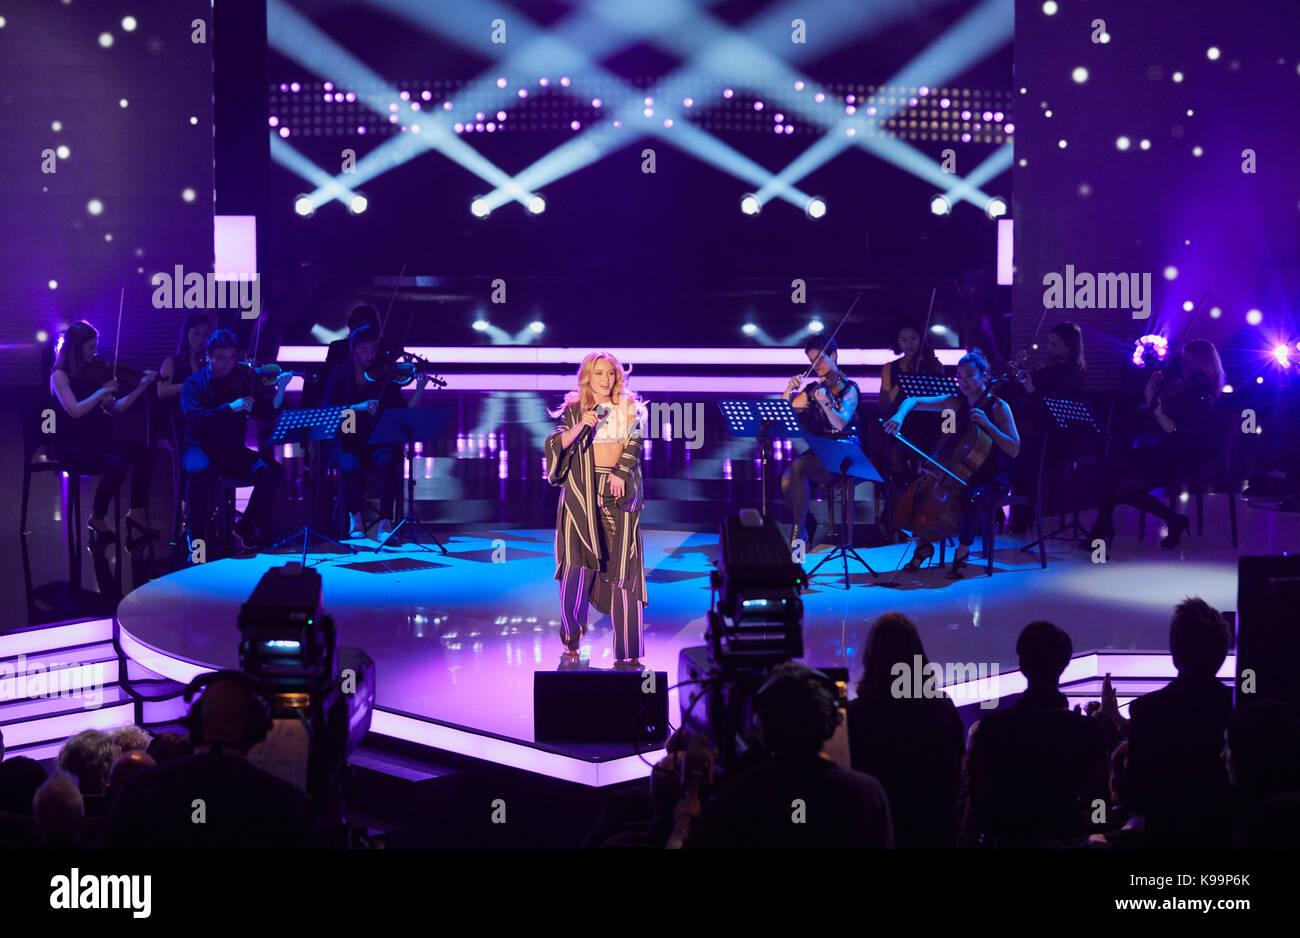 Zara Larsson y músicos durante la grabación del programa de televisión  nena  - nichts versaeumt afbf2570657